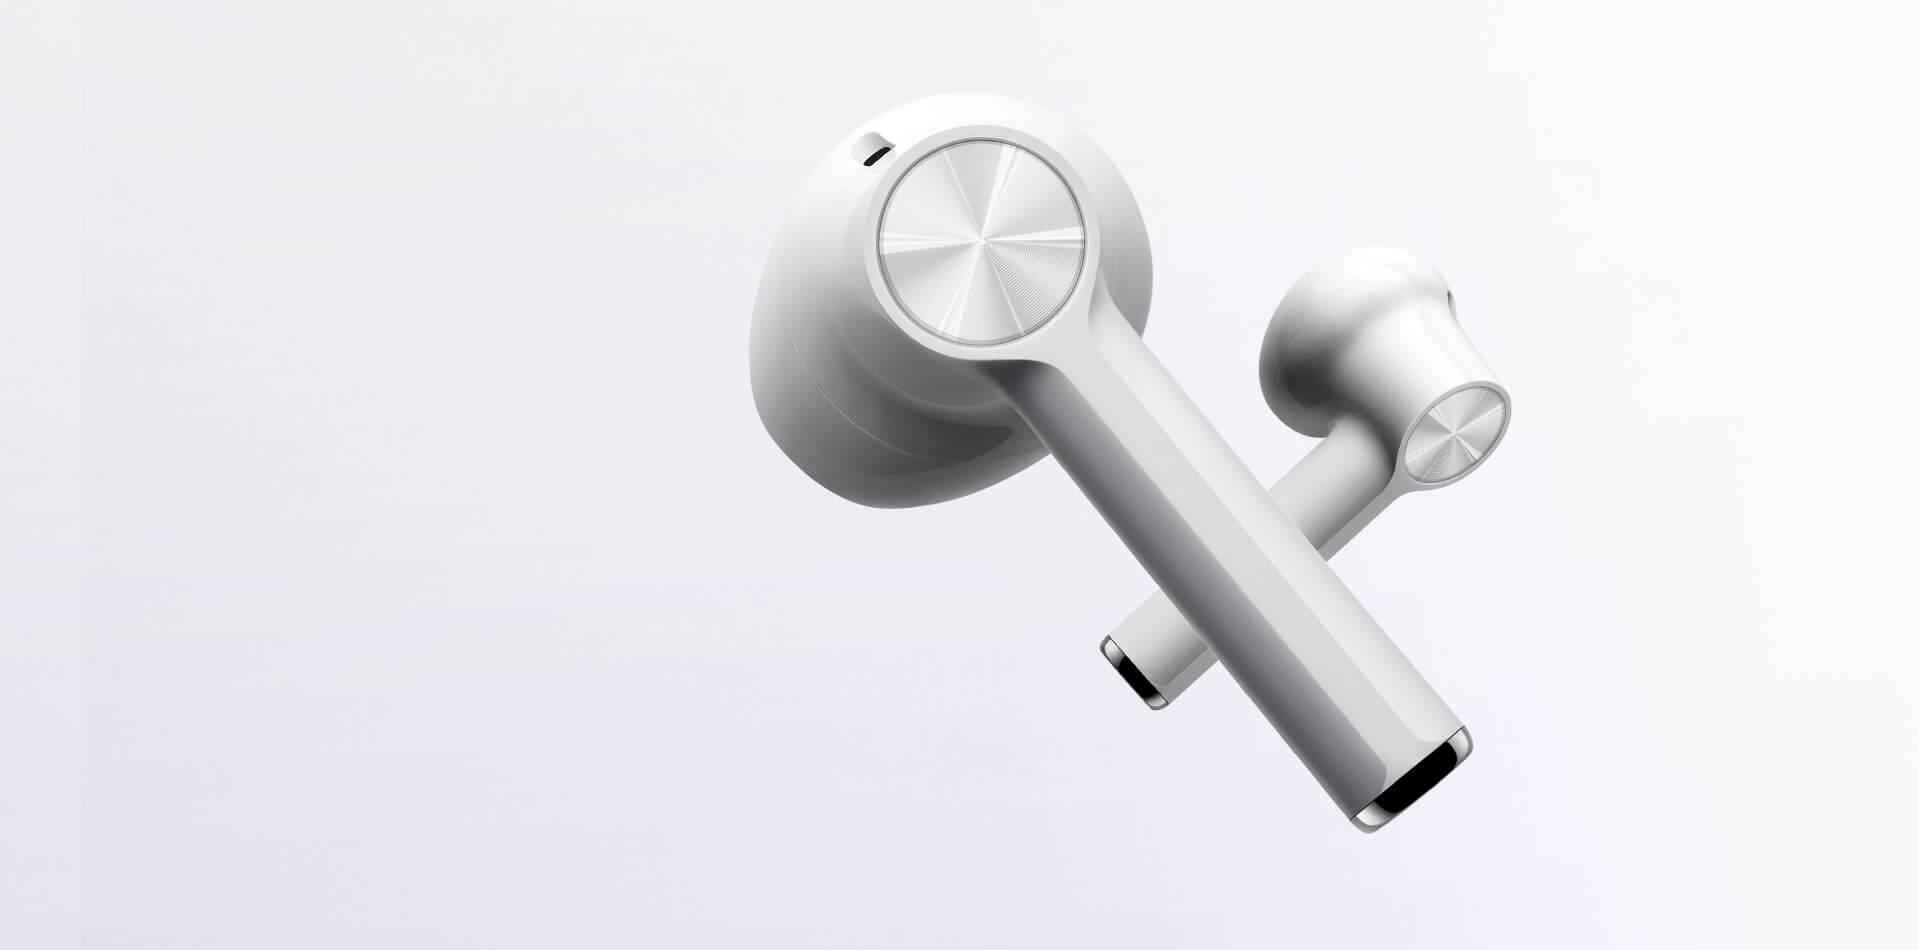 Auriculares Bluetooth, ahora que tienes unos, ¿cómo se conectan?